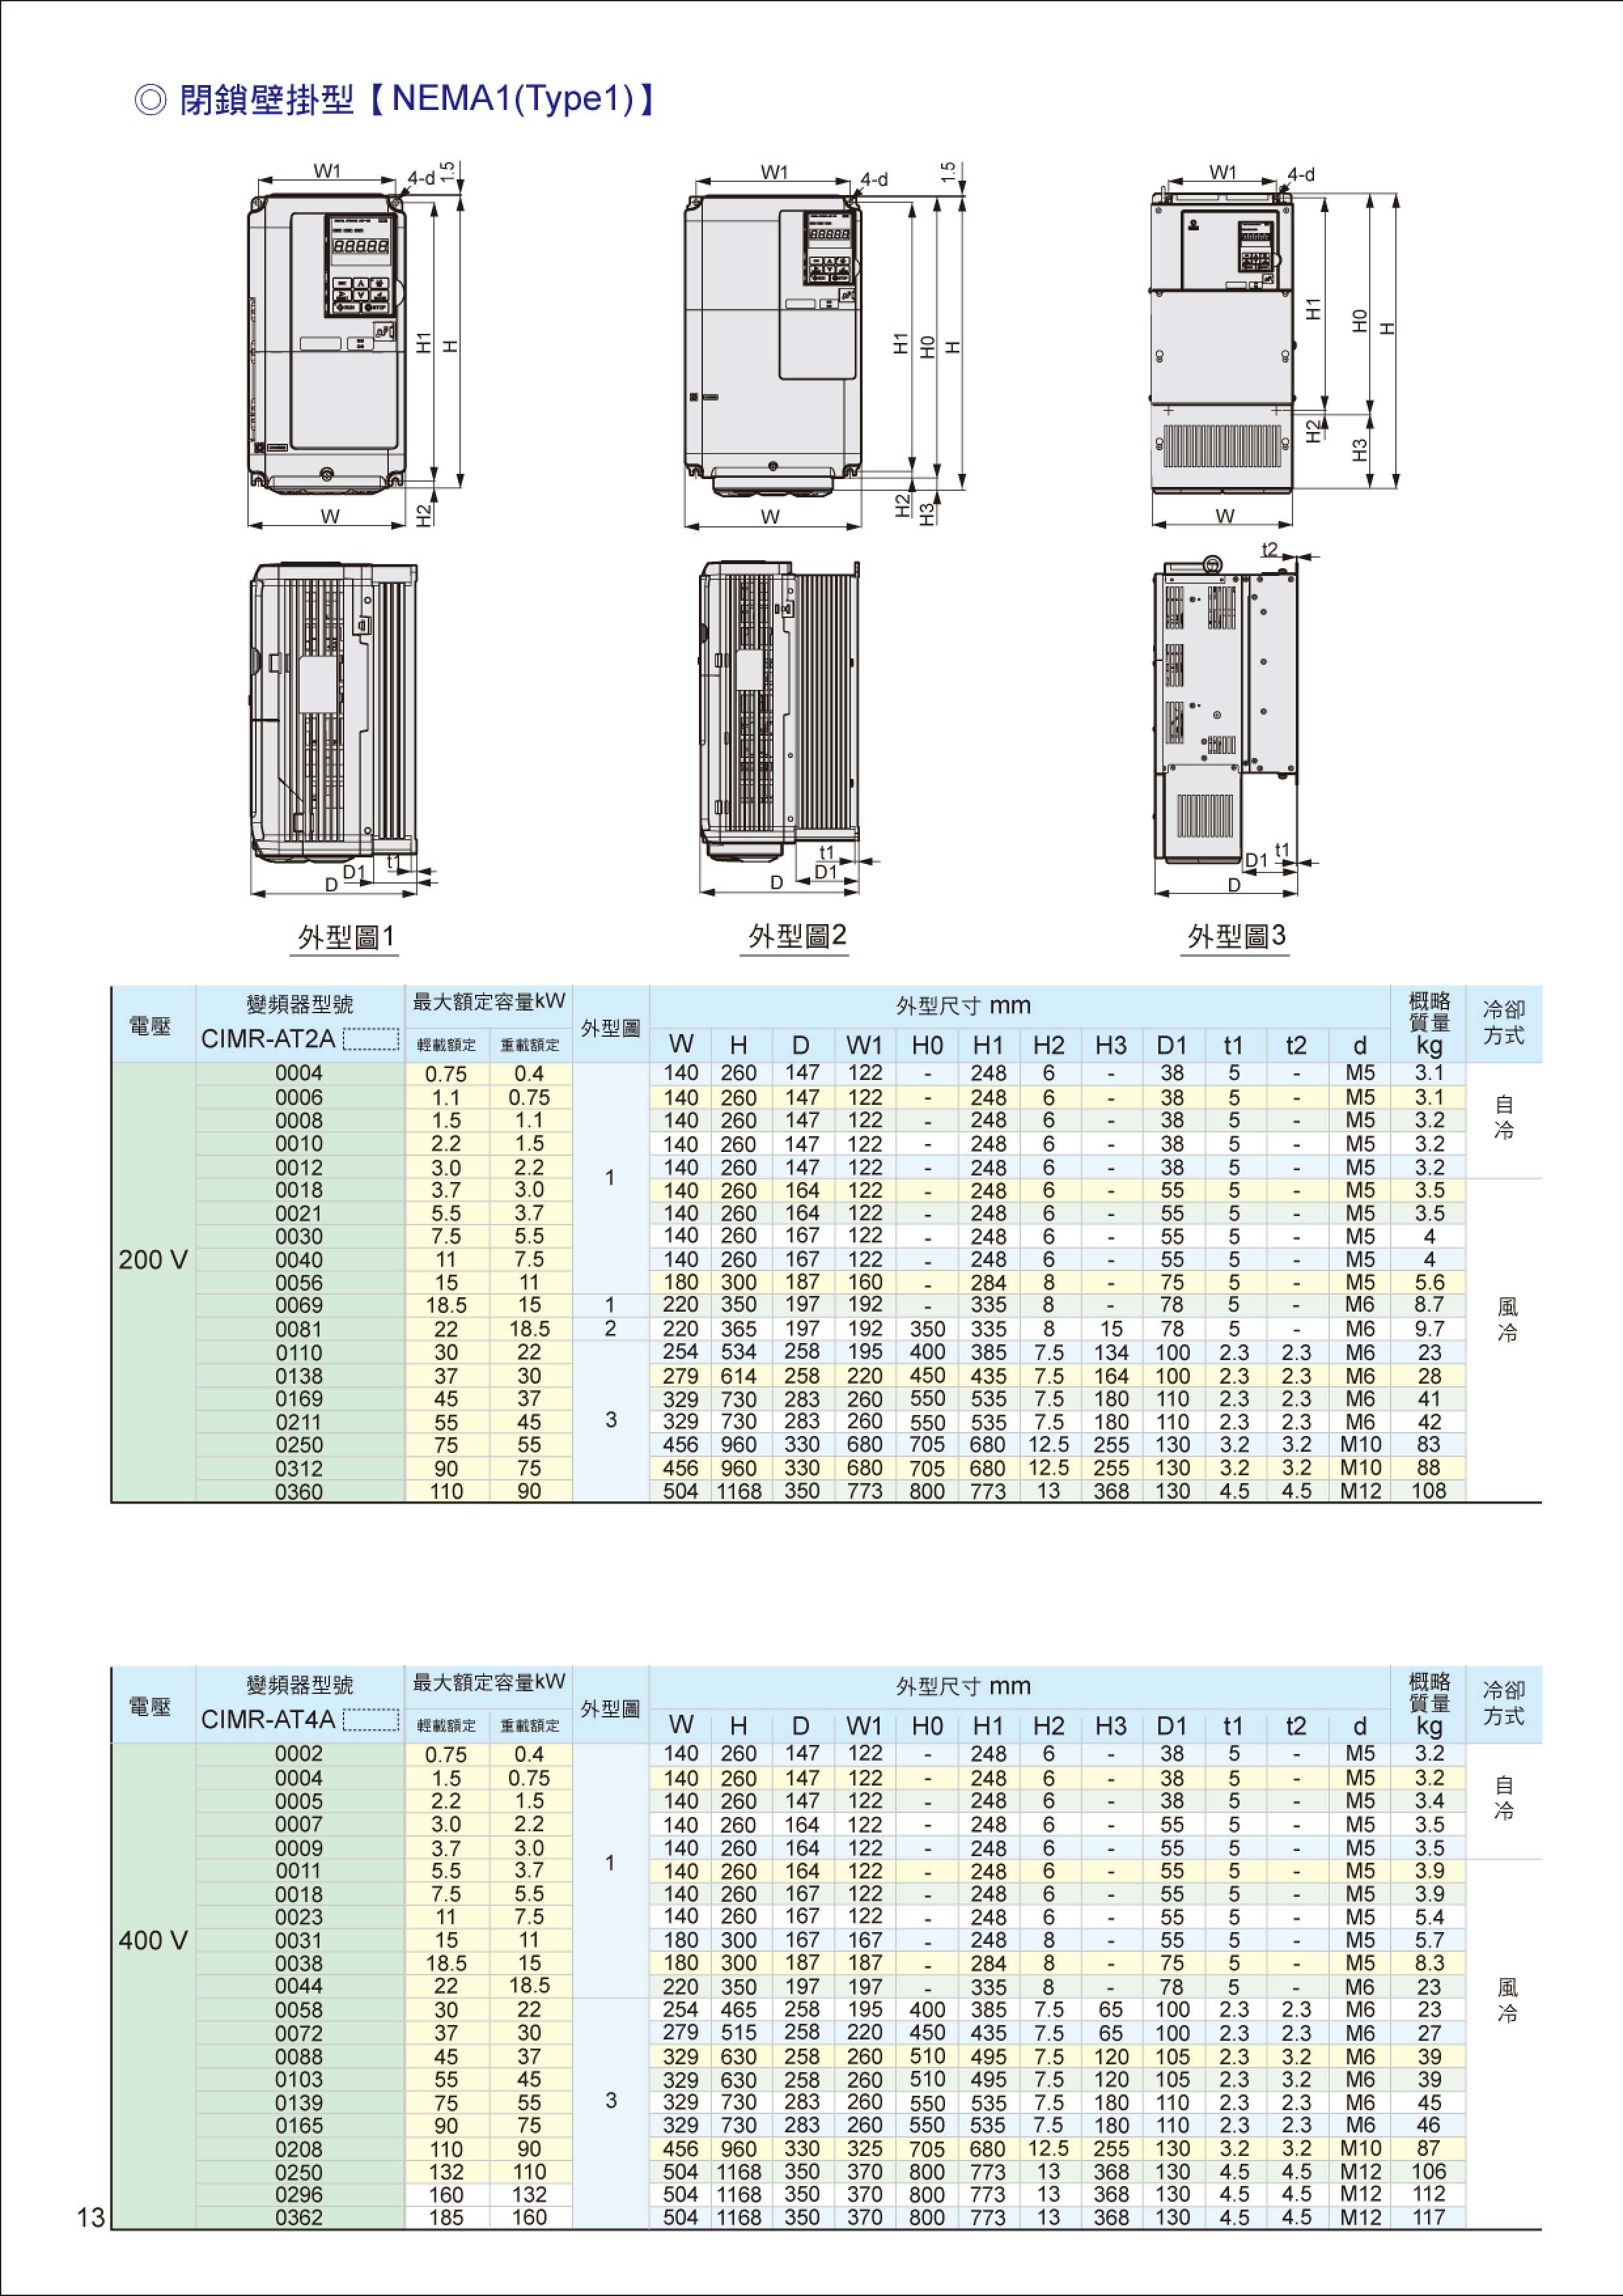 安川變頻器型錄-2012-07-14